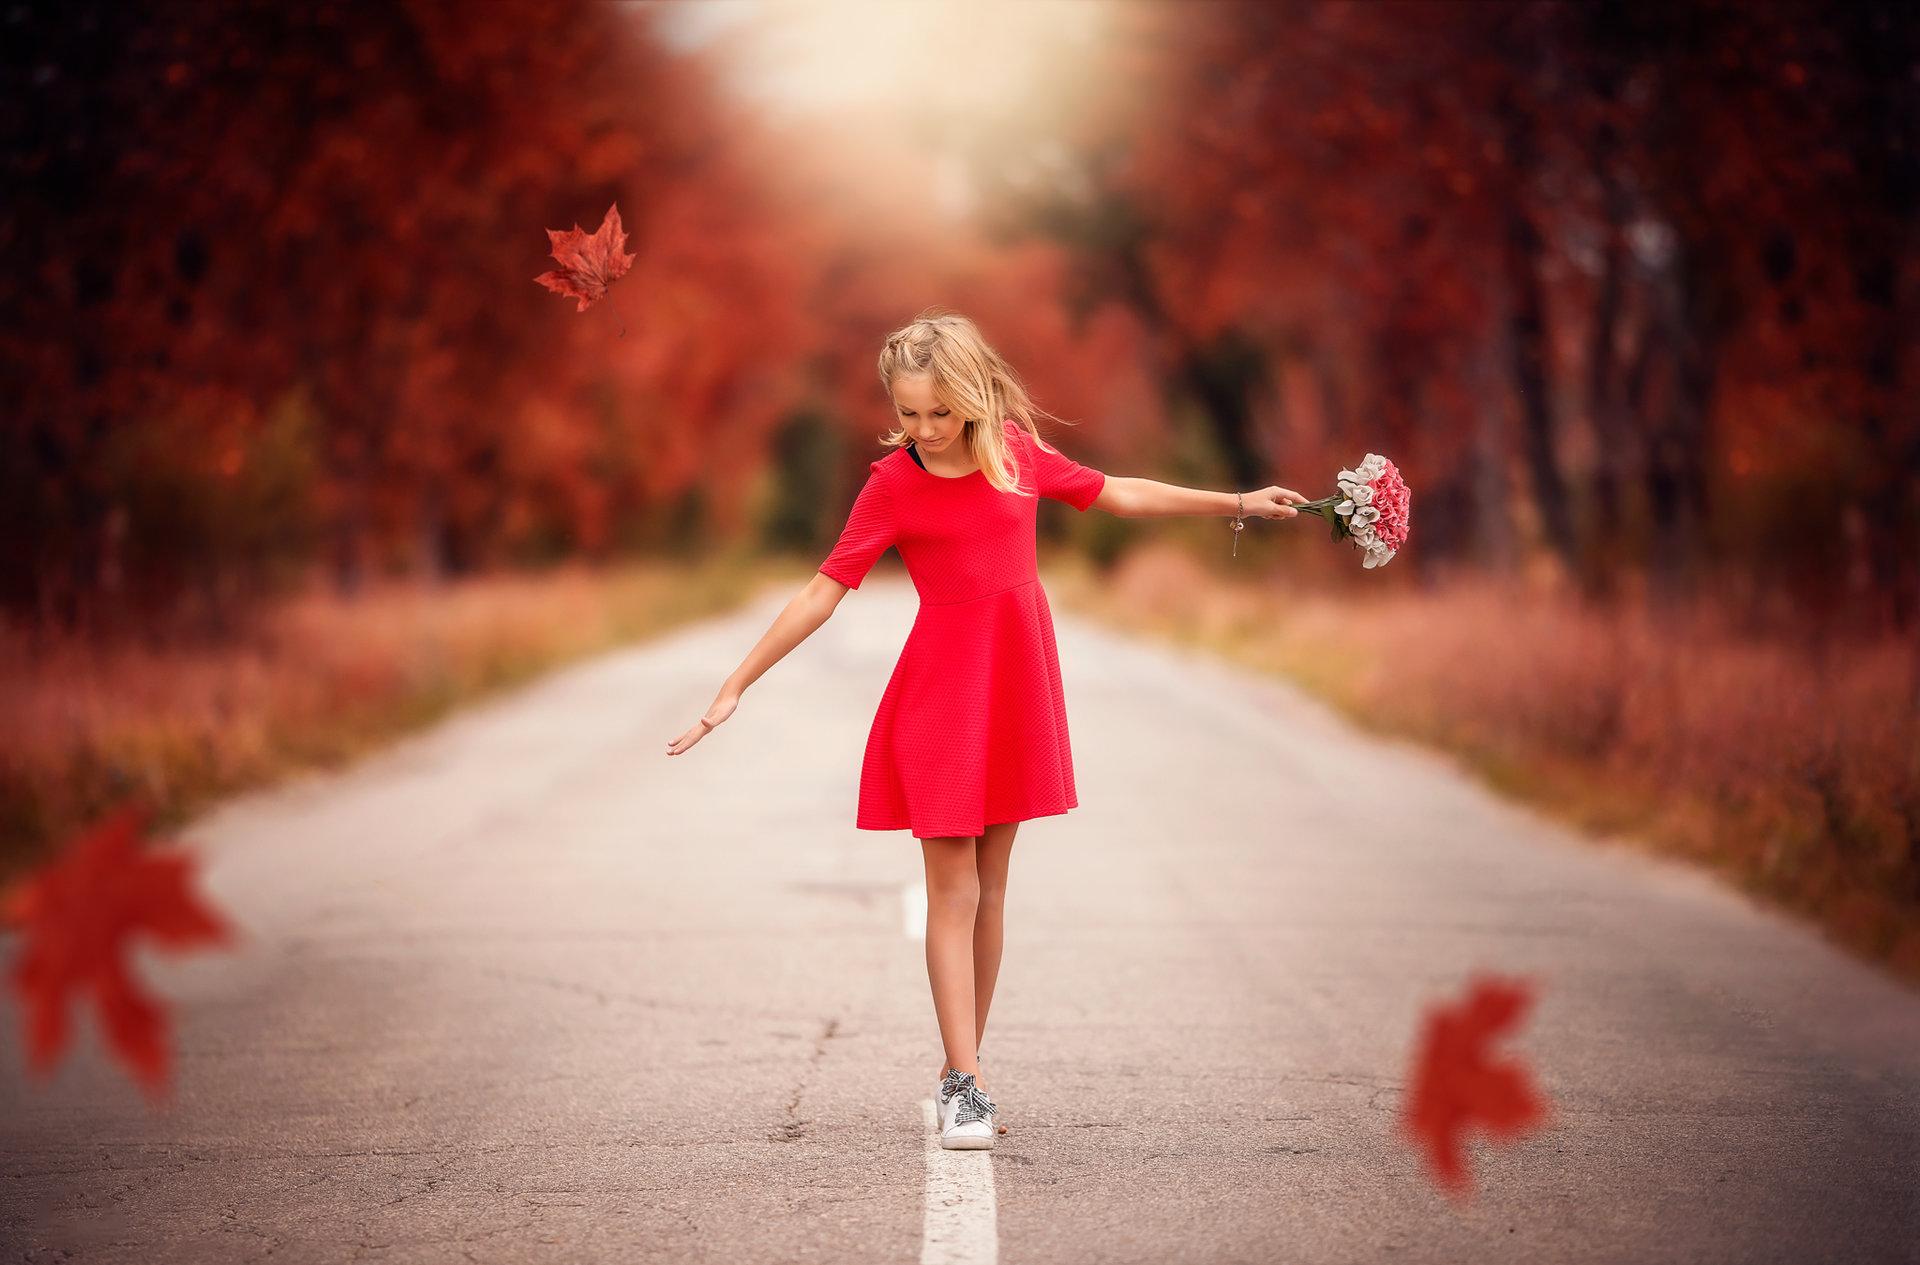 Танц с Есента | Author Zoe-bg  - Zoe-bg | PHOTO FORUM